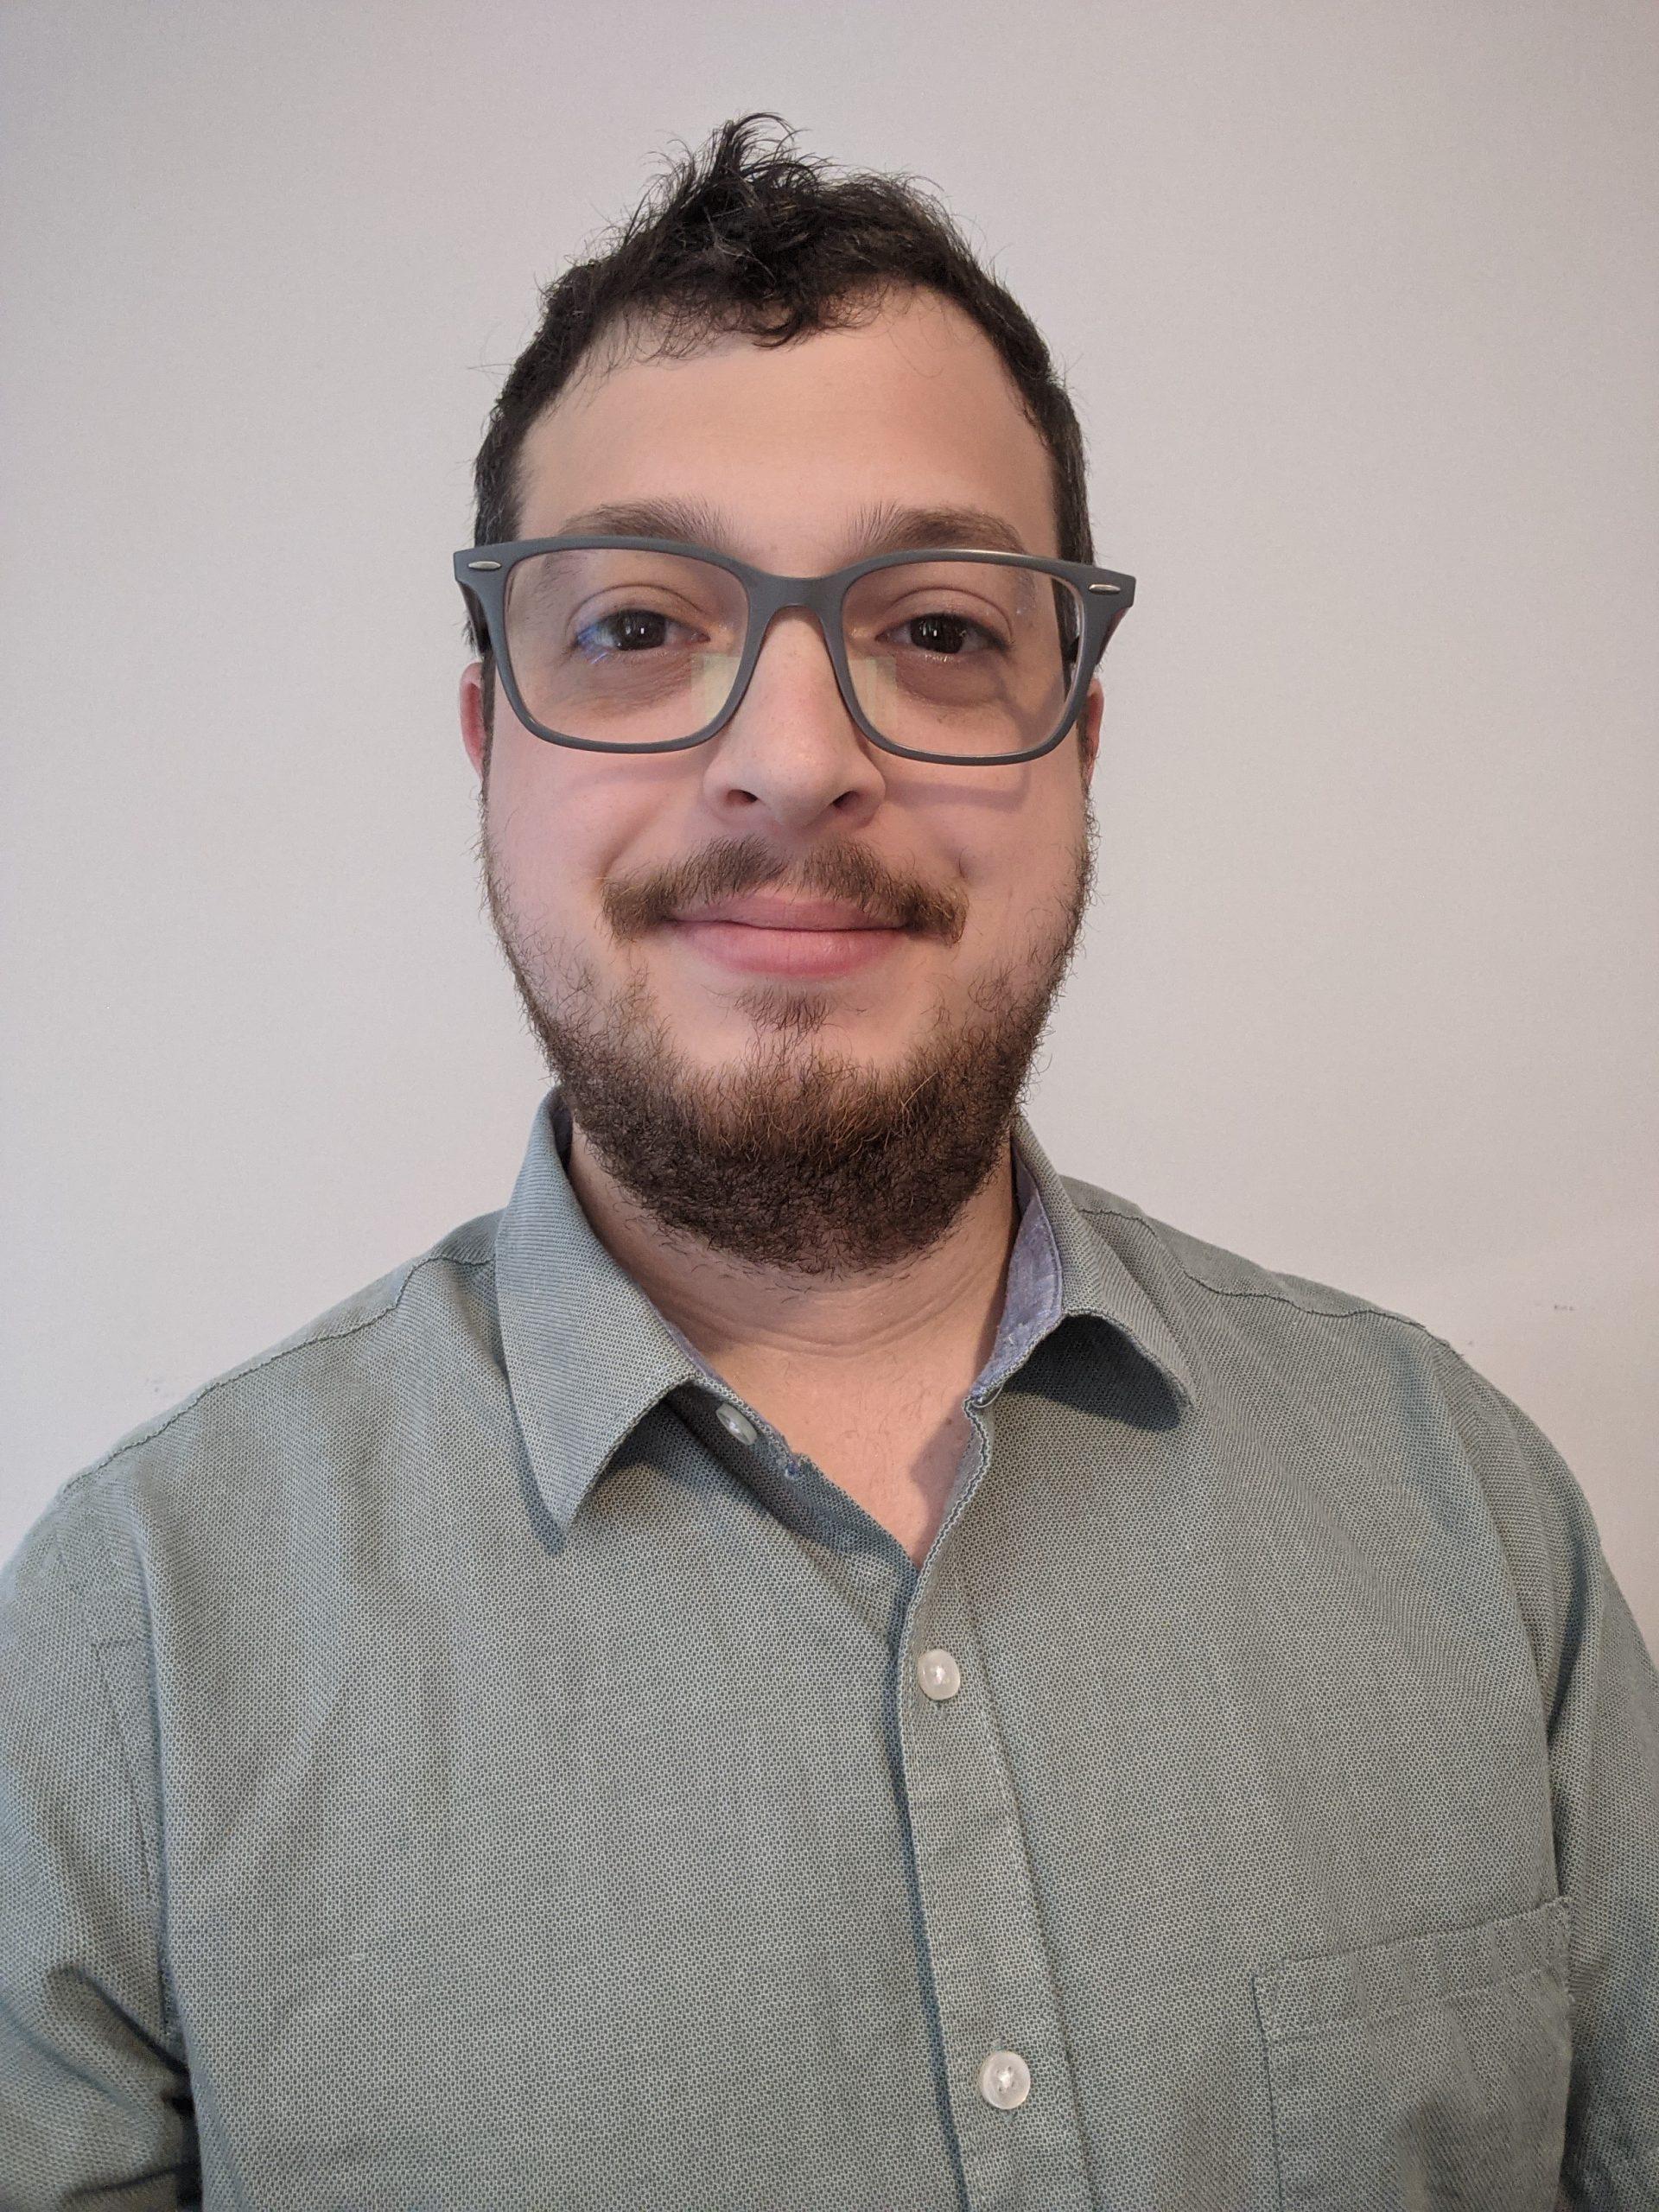 Zachary Siegel